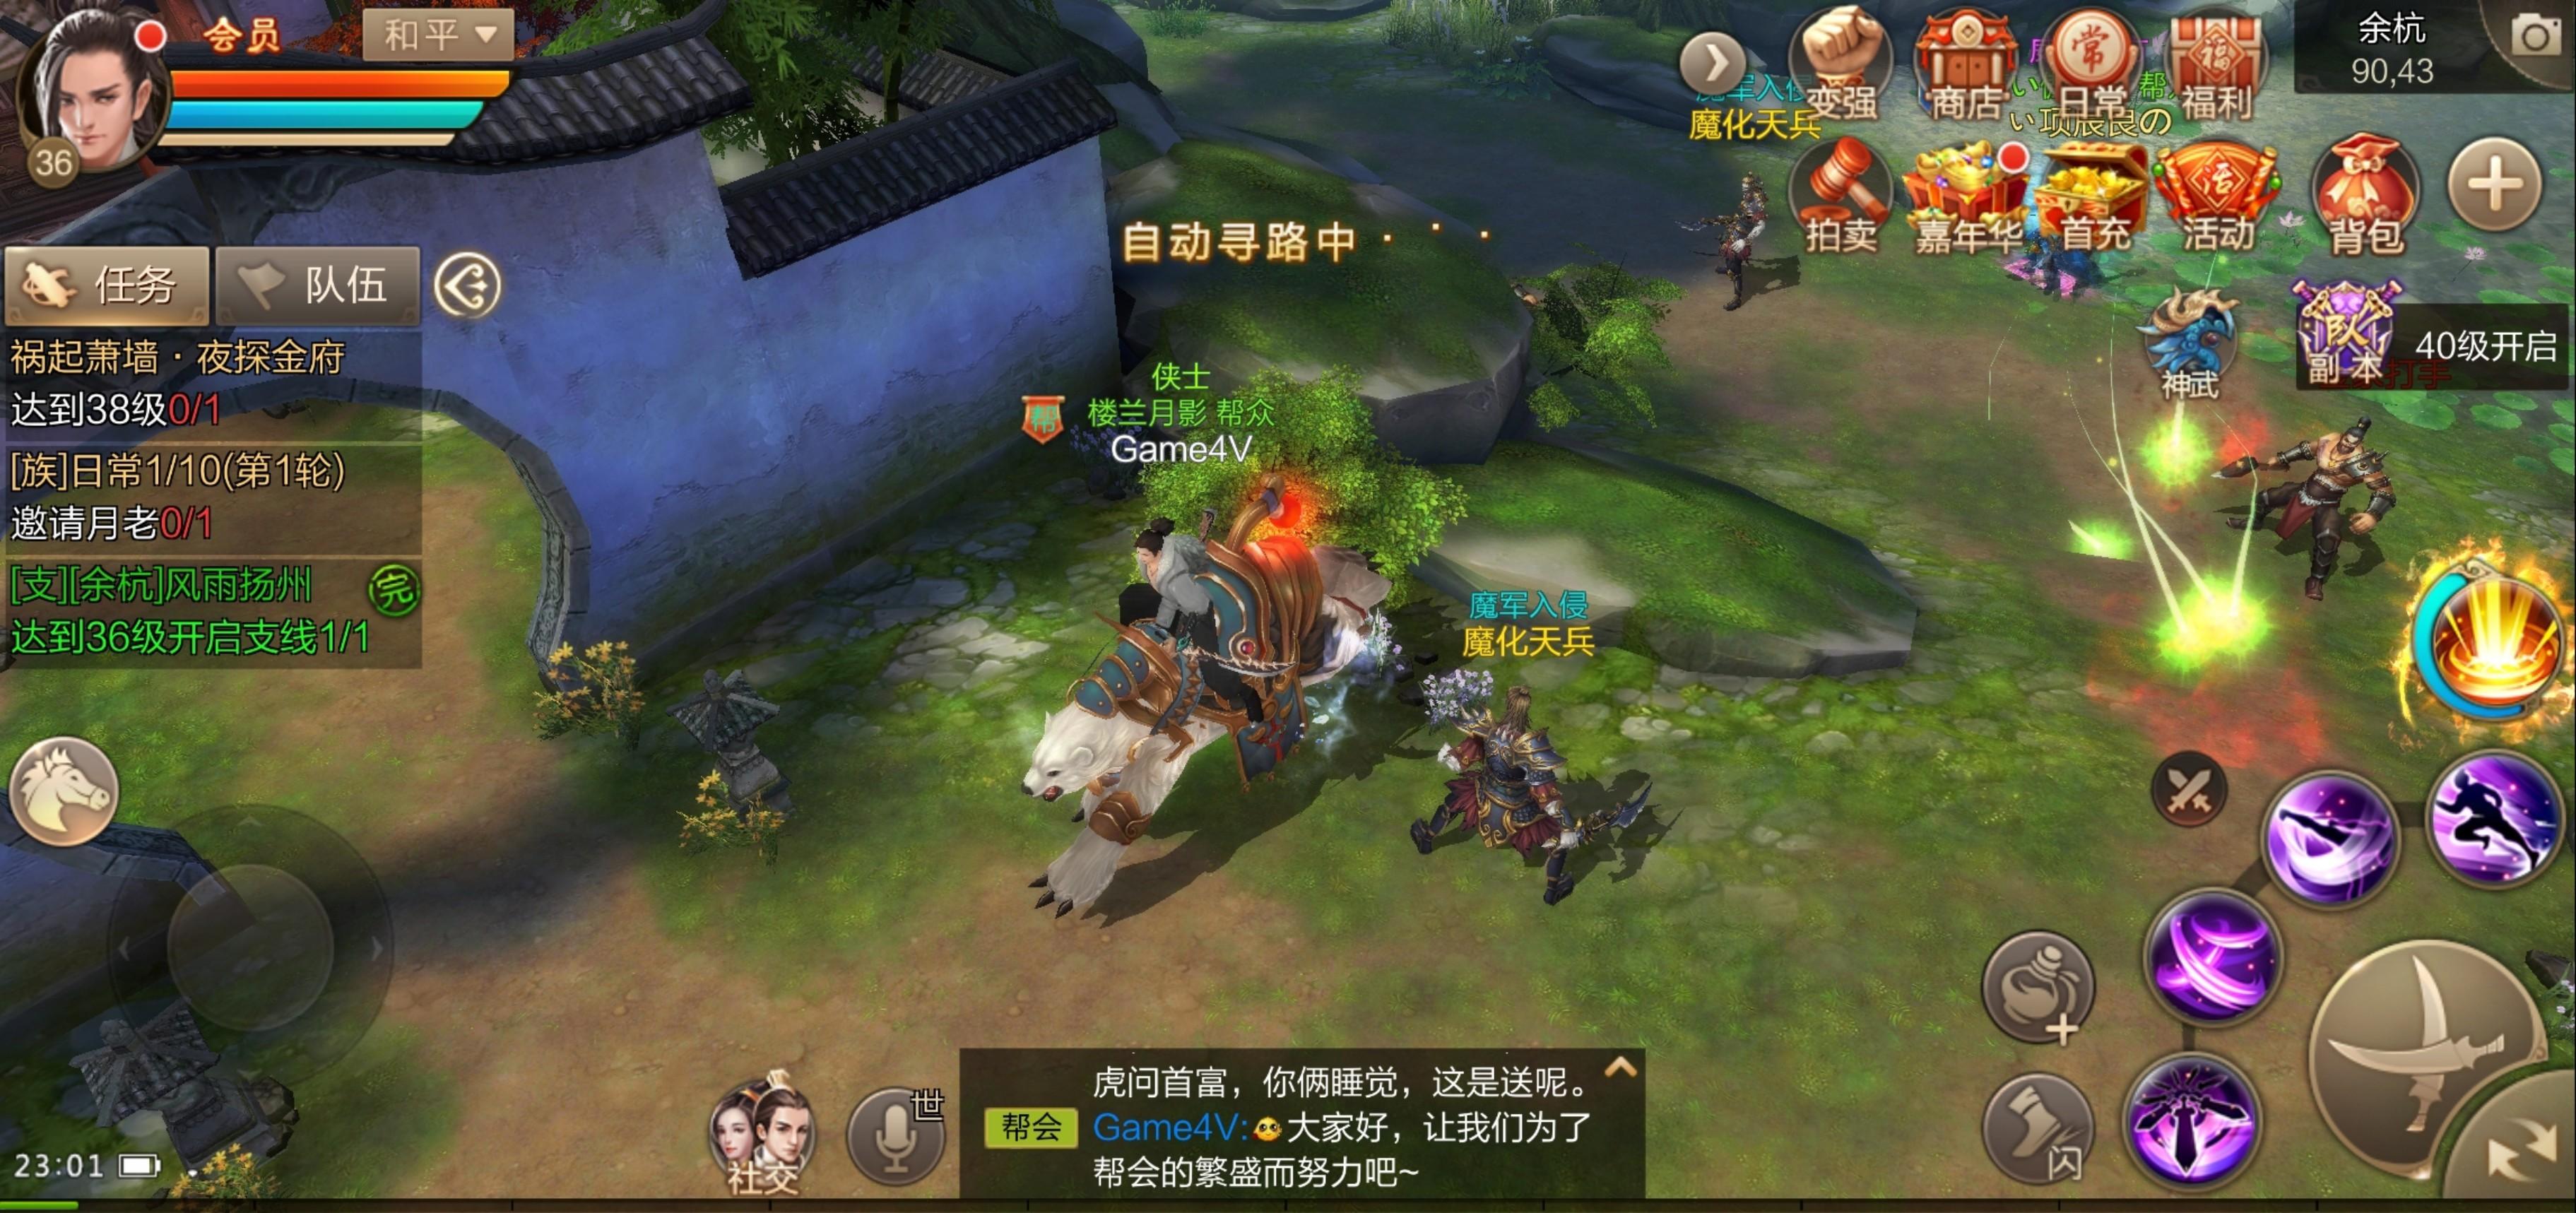 Trải nghiệm trước Tuyệt Thế Vô Song Mobile bản Trung Quốc - Game MMO của Changyou được SohaGame phát hành tại VN